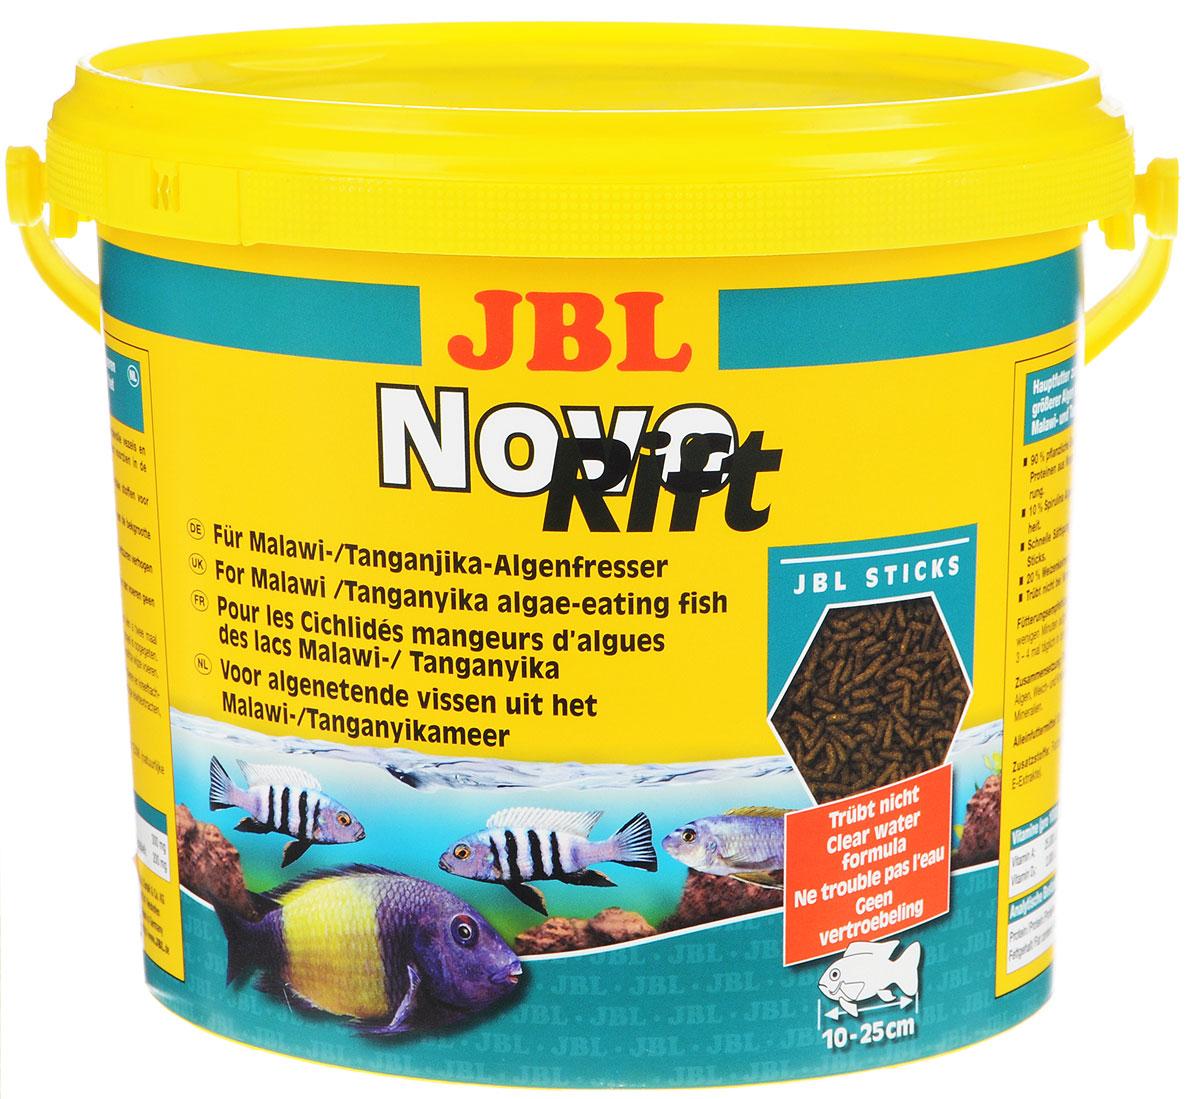 Корм JBL NovoRift для растительноядных восточноафриканских цихлид, в форме палочек, 5,5 л (2,75 кг)JBL3029600Корм JBL NovoRift содержит преимущественно отборные растительные вещества, объединенные в специальной комбинации, которая соответствует питательным потребностям цихлид из восточноафриканских озер. Корм JBL NovoRift особенно охотно поедается рыбами благодаря соей форме - маленькие палочки. Ценные витамины, ненасыщенные жирные кислоты и каротиноиды укрепляет иммунитет, способствует росту и более яркой окраске. В составе овощи, зерновые, водоросли, дрожжи, рачки, минералы. Рекомендации по кормлению: 2-3 раза в день в количестве, которое съедается рыбками за 2-3 минуты. Товар сертифицирован.